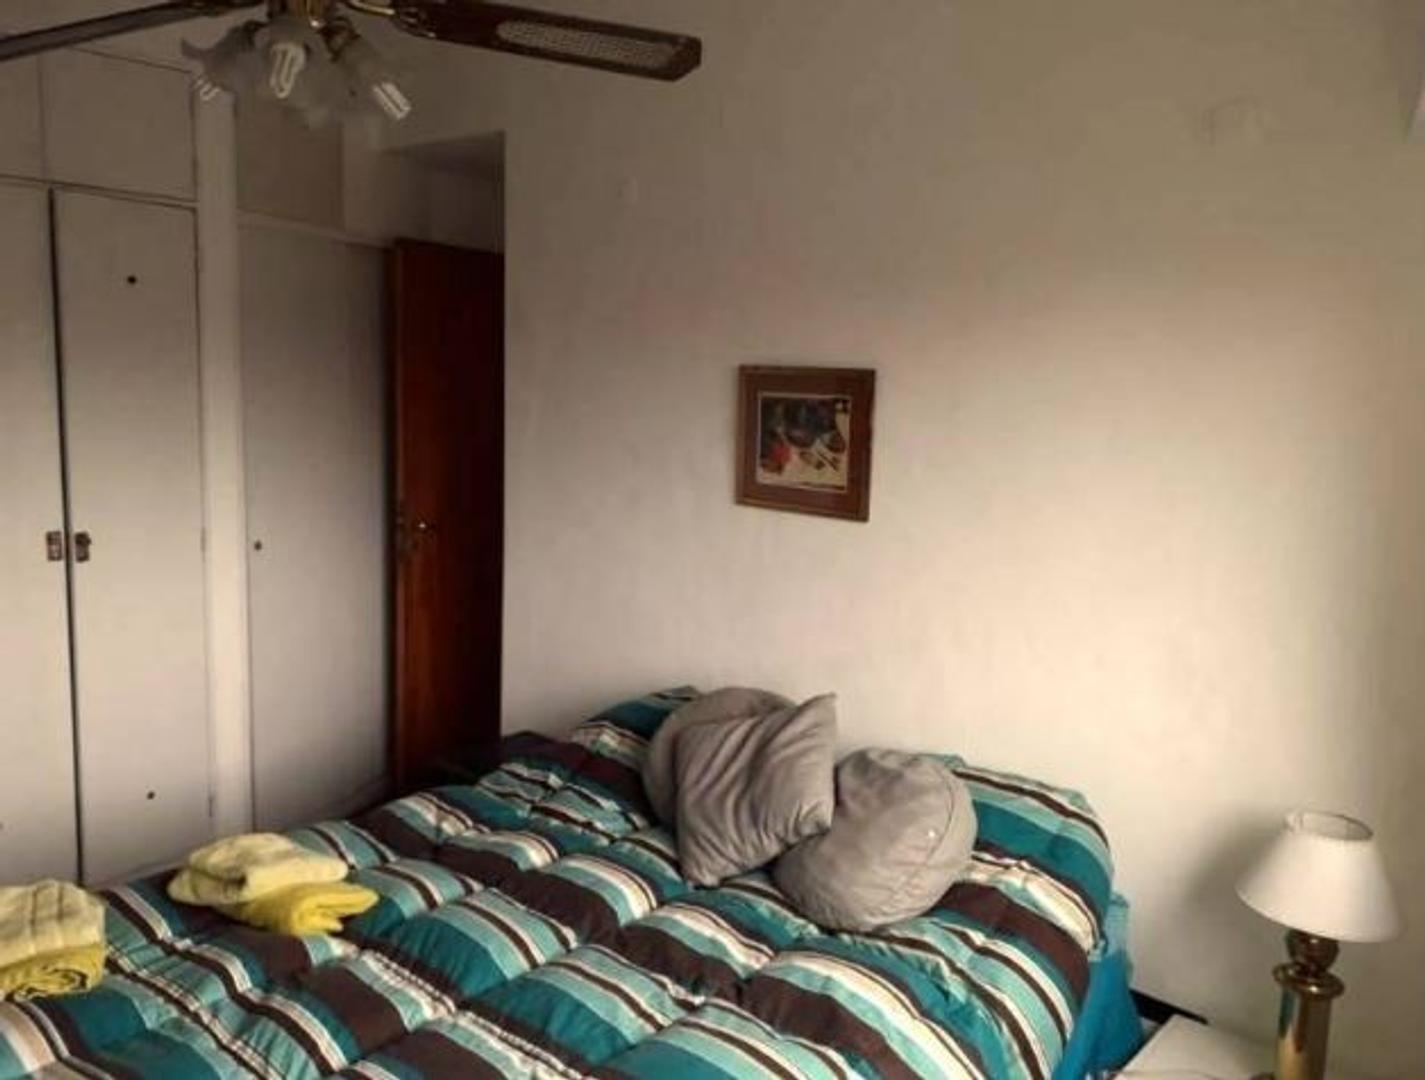 Departamento - 57 m² | 2 dormitorios | 40 años